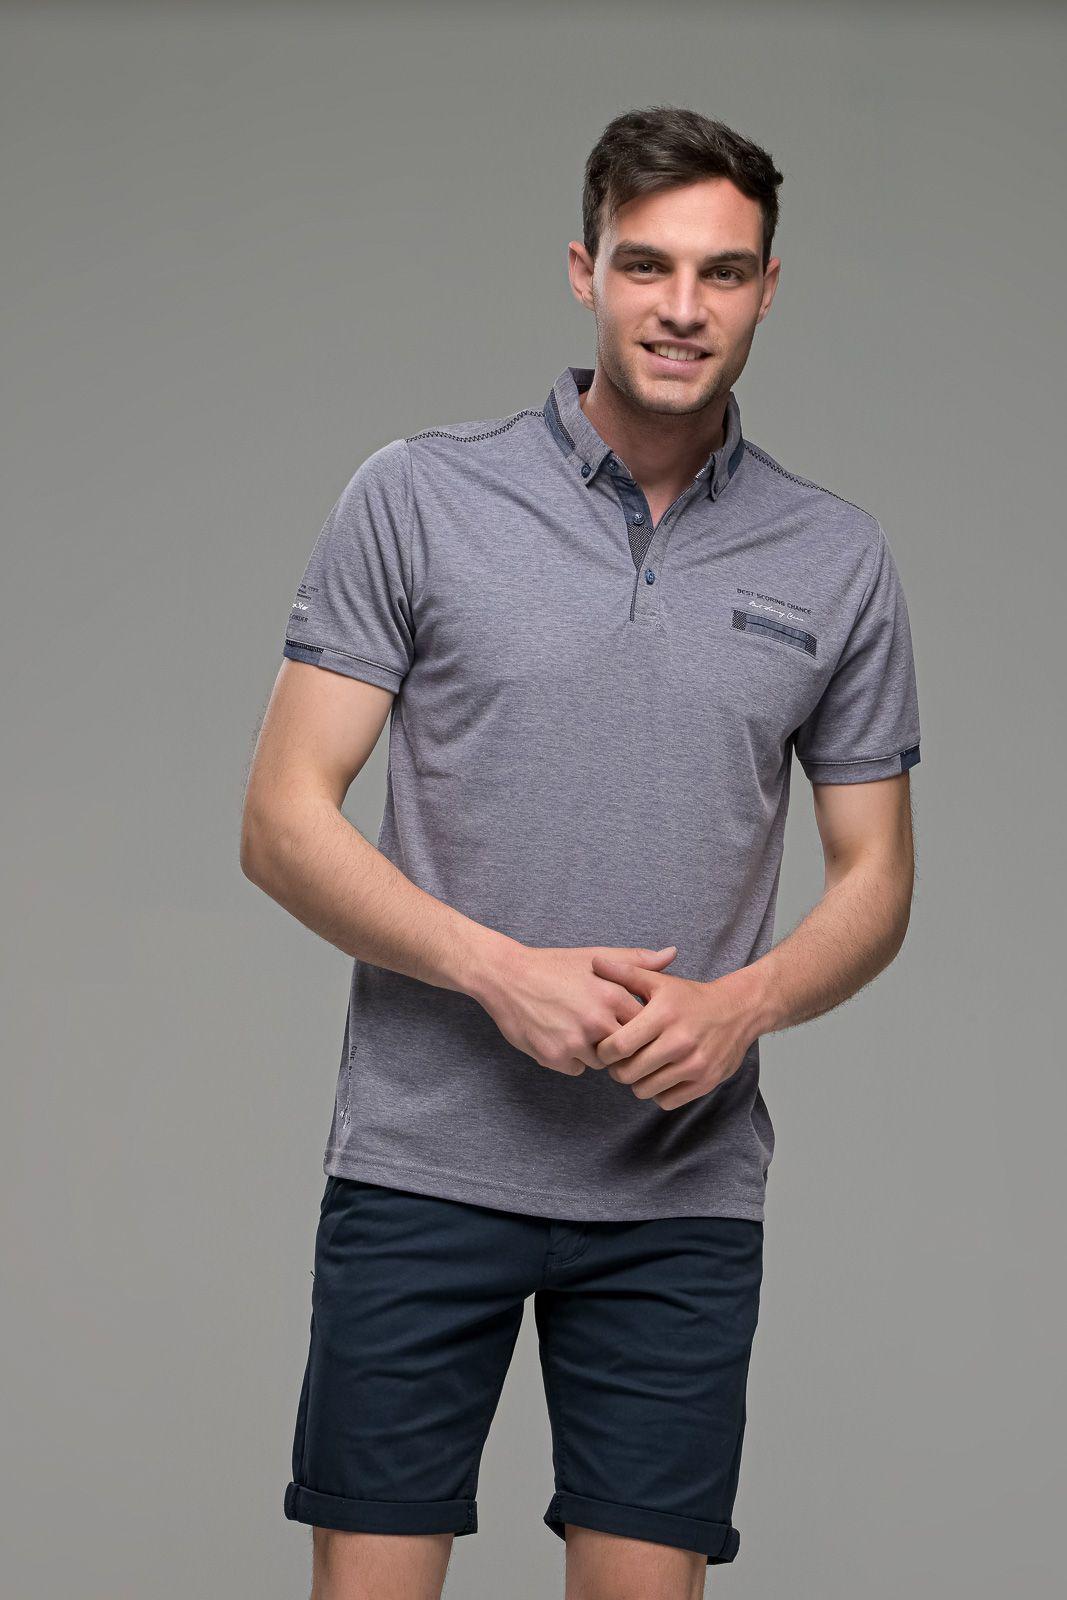 Πόλο ανδρικό μπλουζάκι μωβ MS με κοντό μανίκι και σχέδιο στο γιακά – Slim Fit